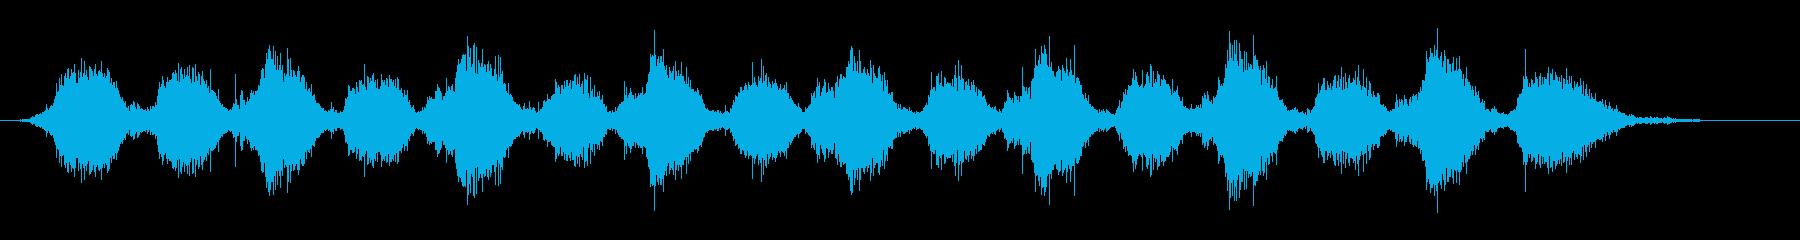 ゴシゴシ(お風呂掃除デッキブラシの音)Aの再生済みの波形